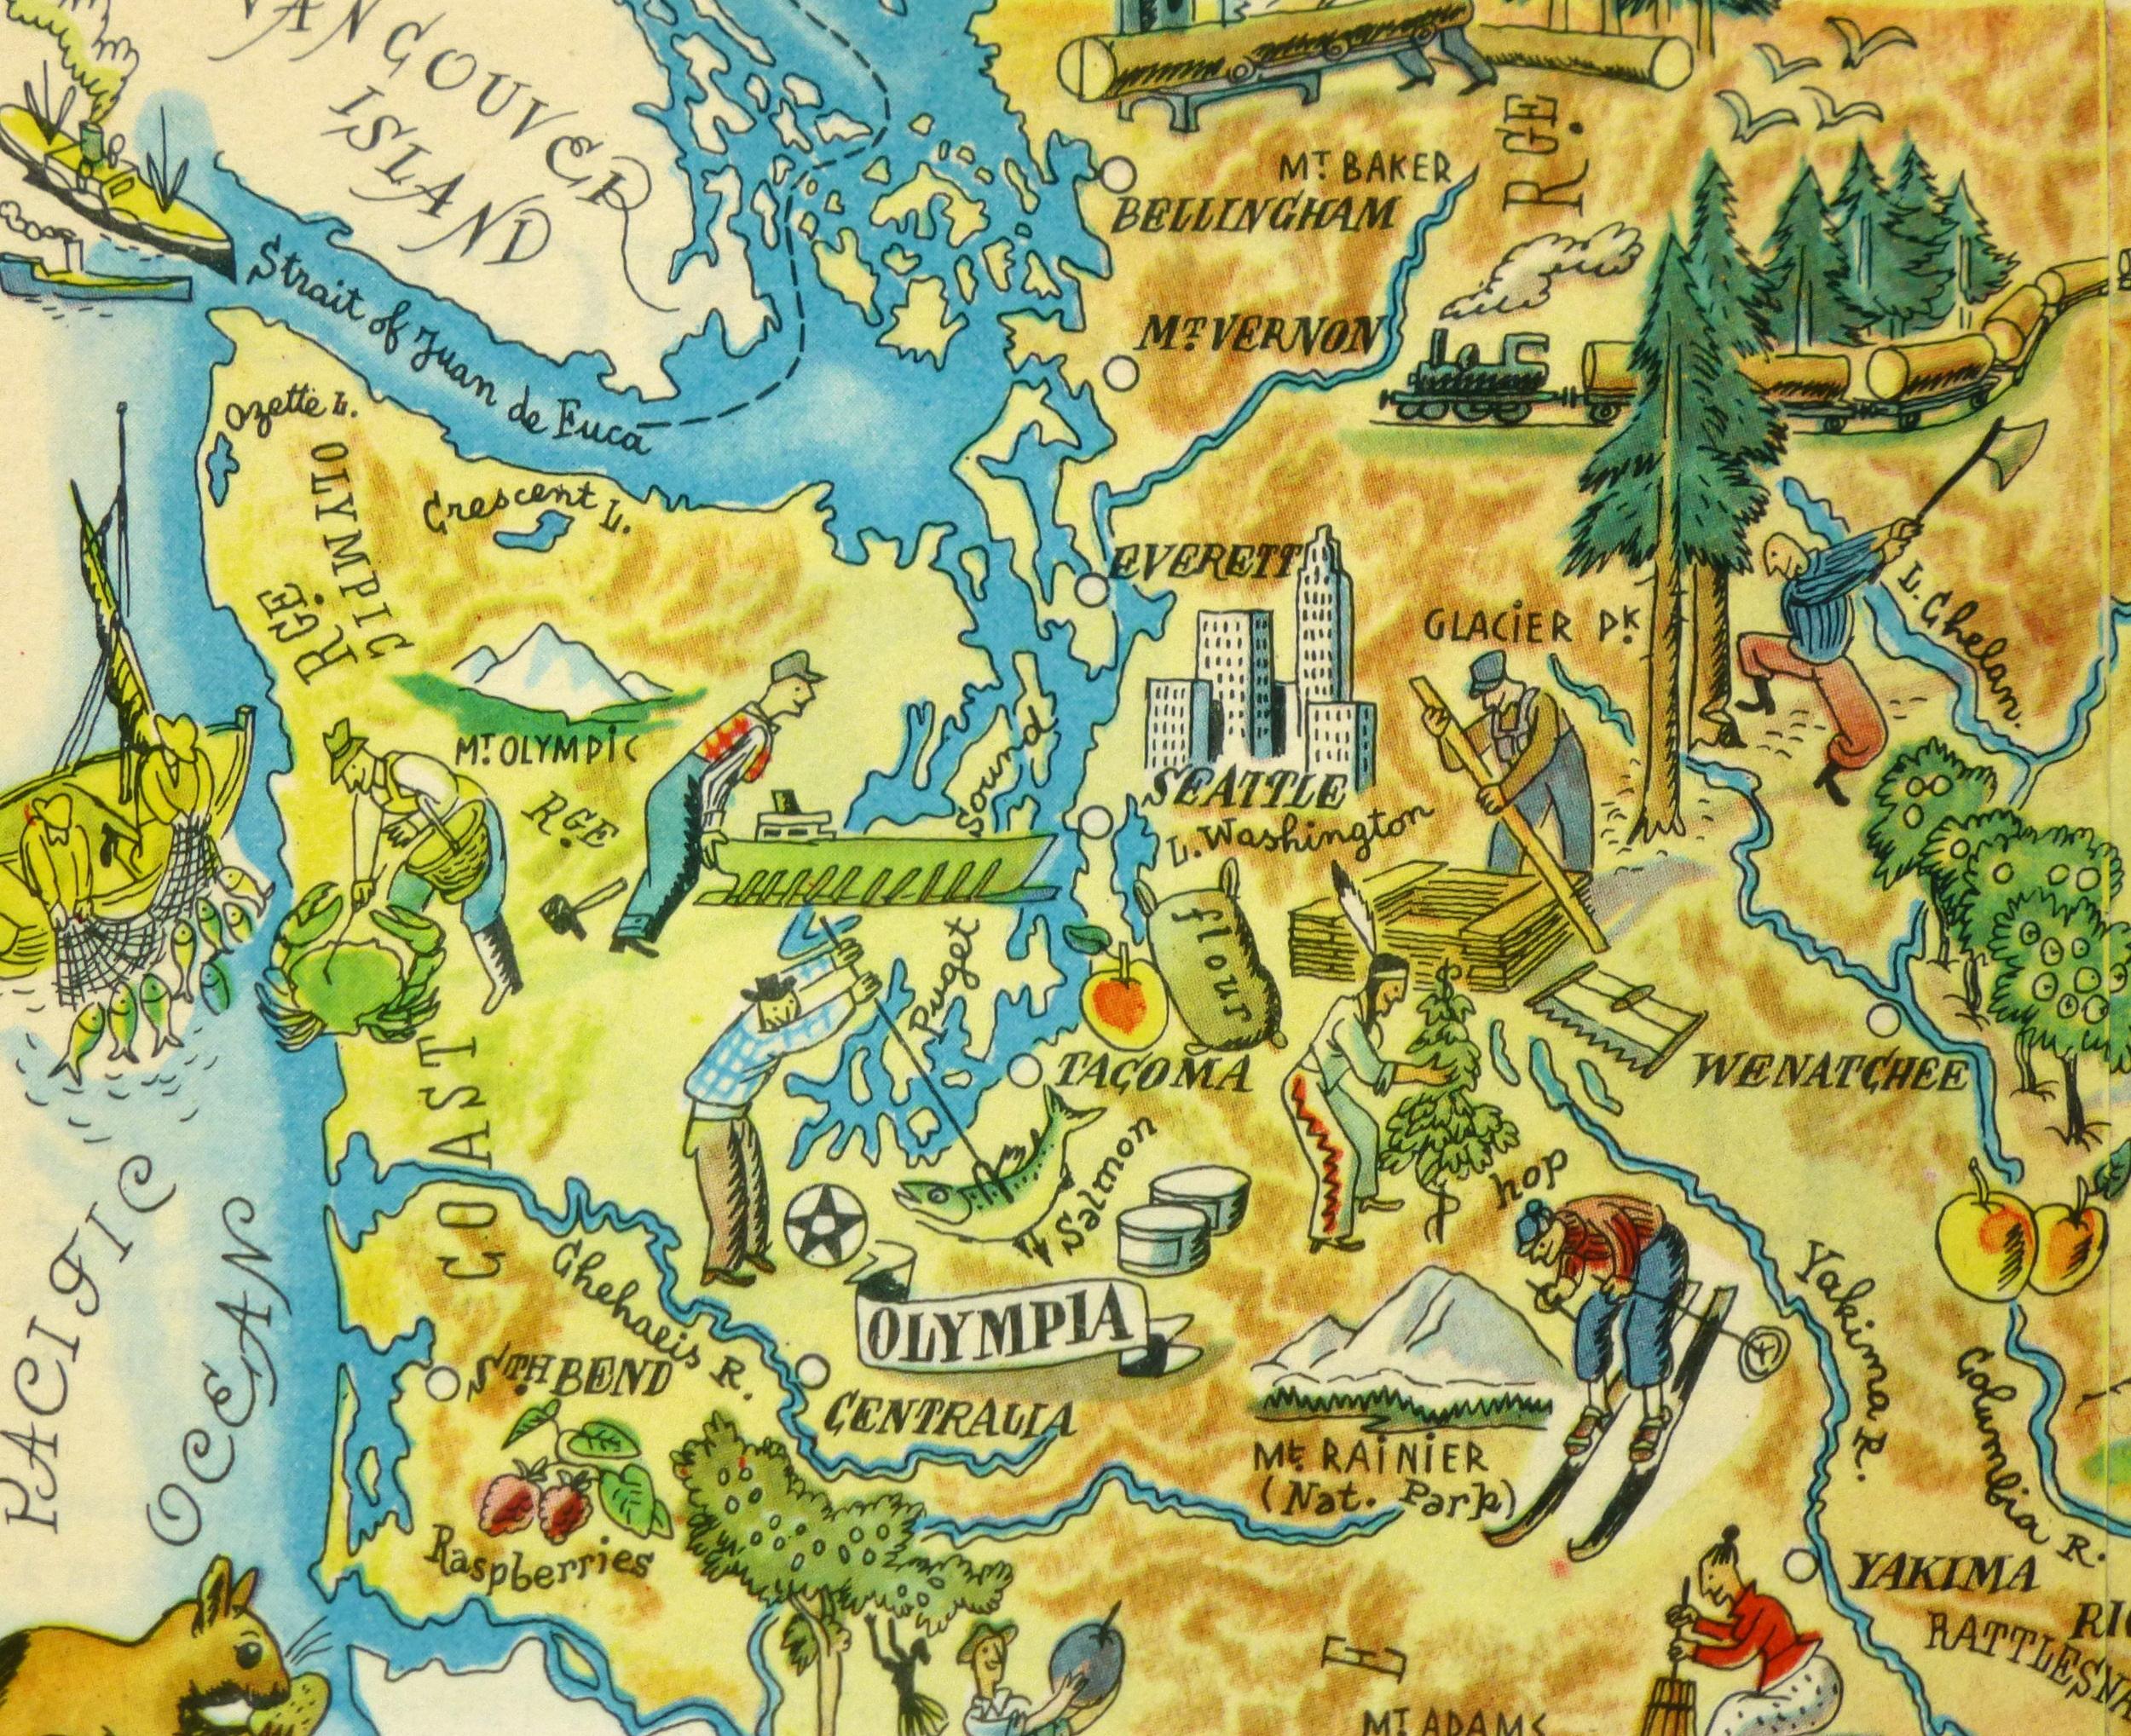 Washington Pictorial Map, 1946-detail-6260K